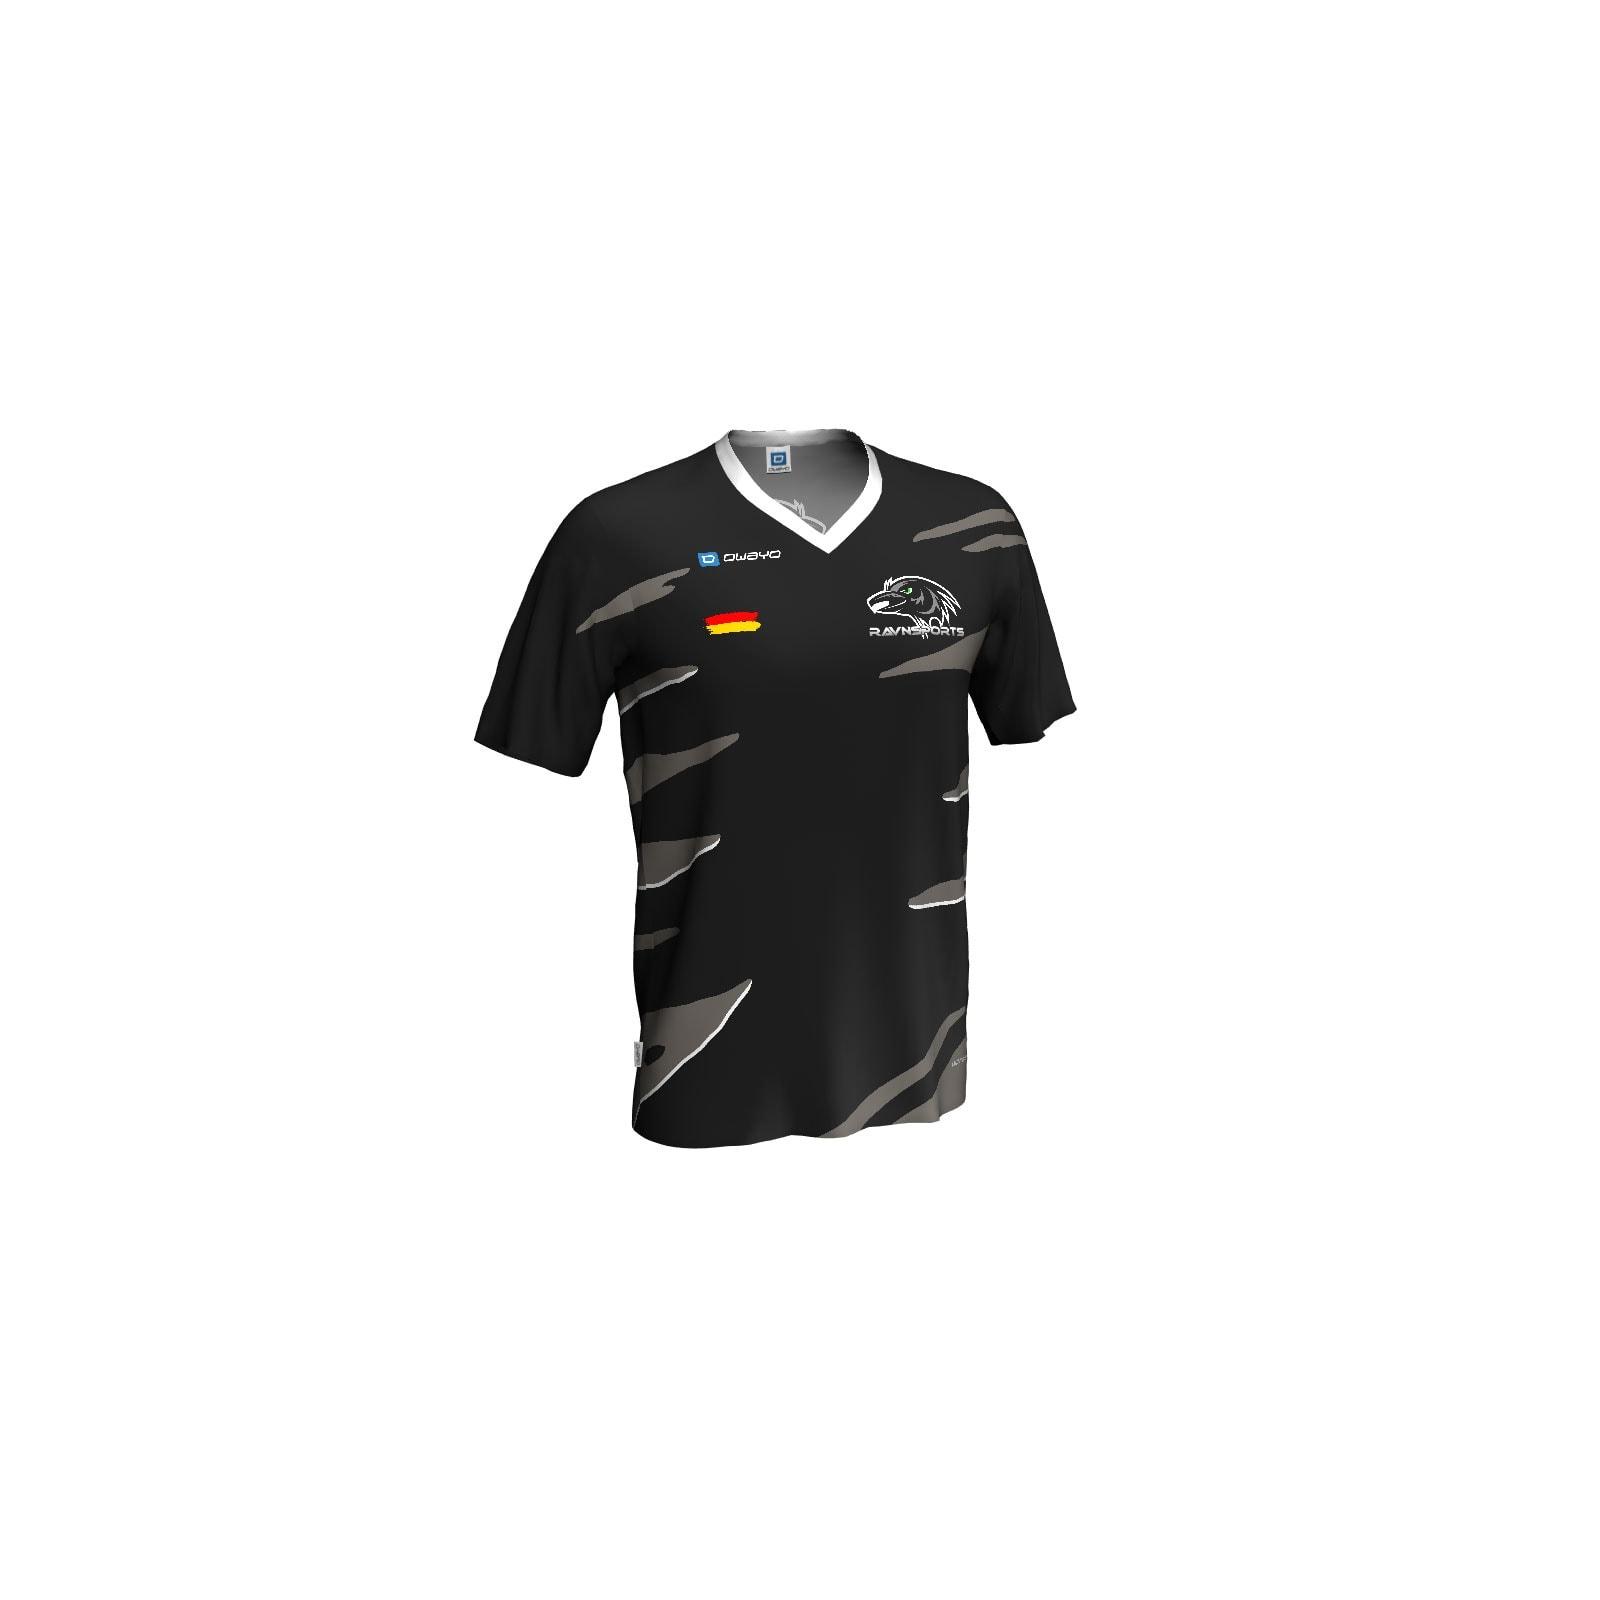 trikot-ravnsports-gaming-csgo-kirchheim-liebespixel-print-logo